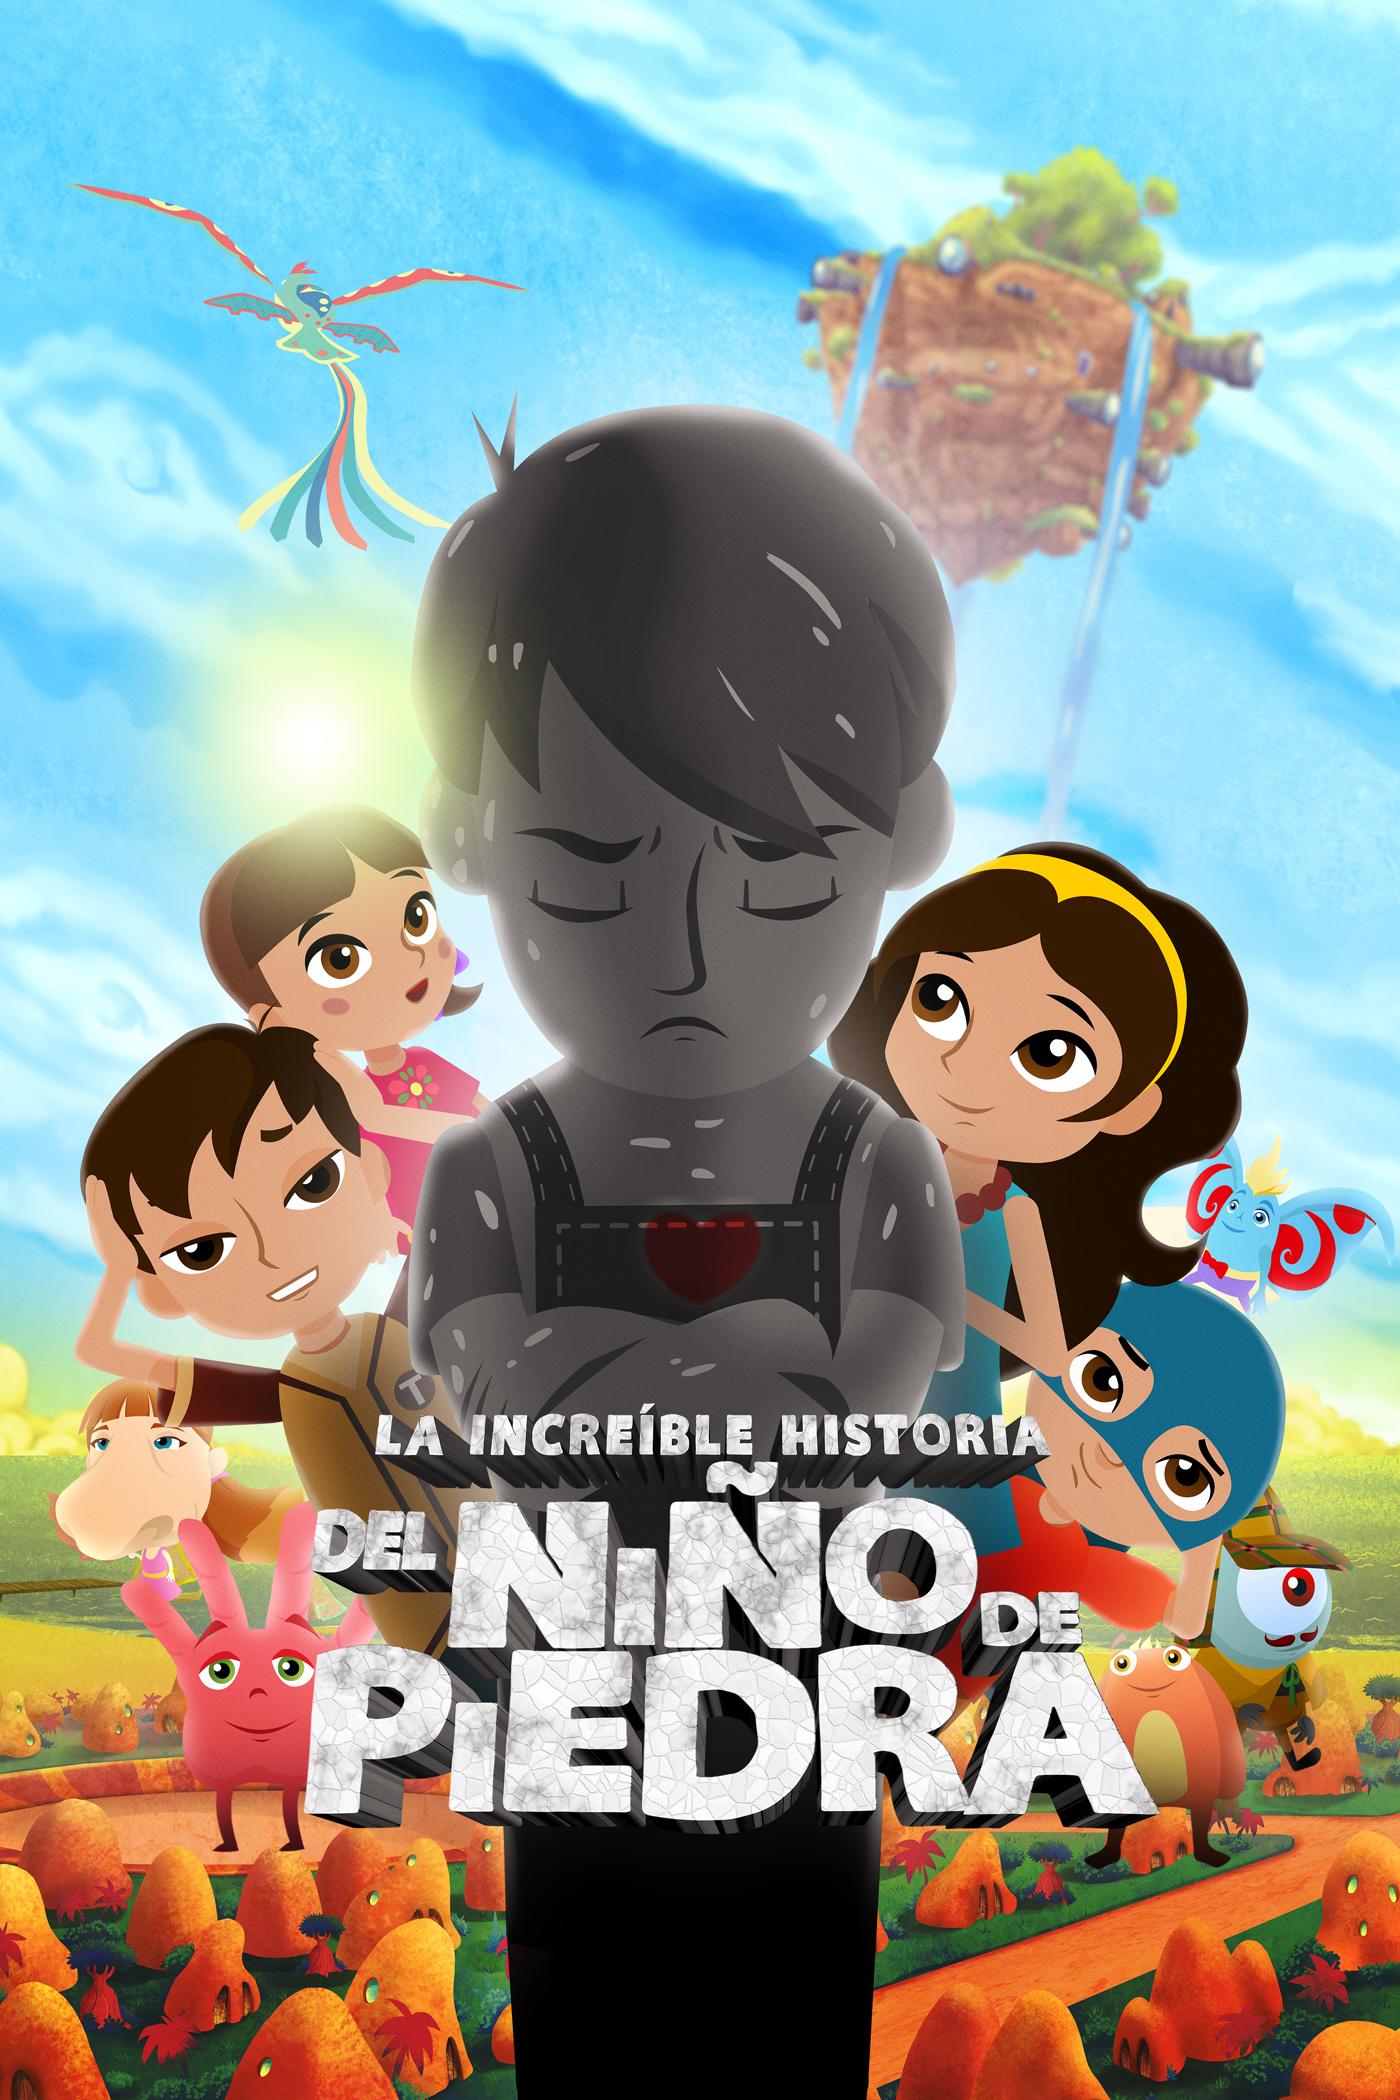 2 La Increible Historia del Niño de Piedra.jpg